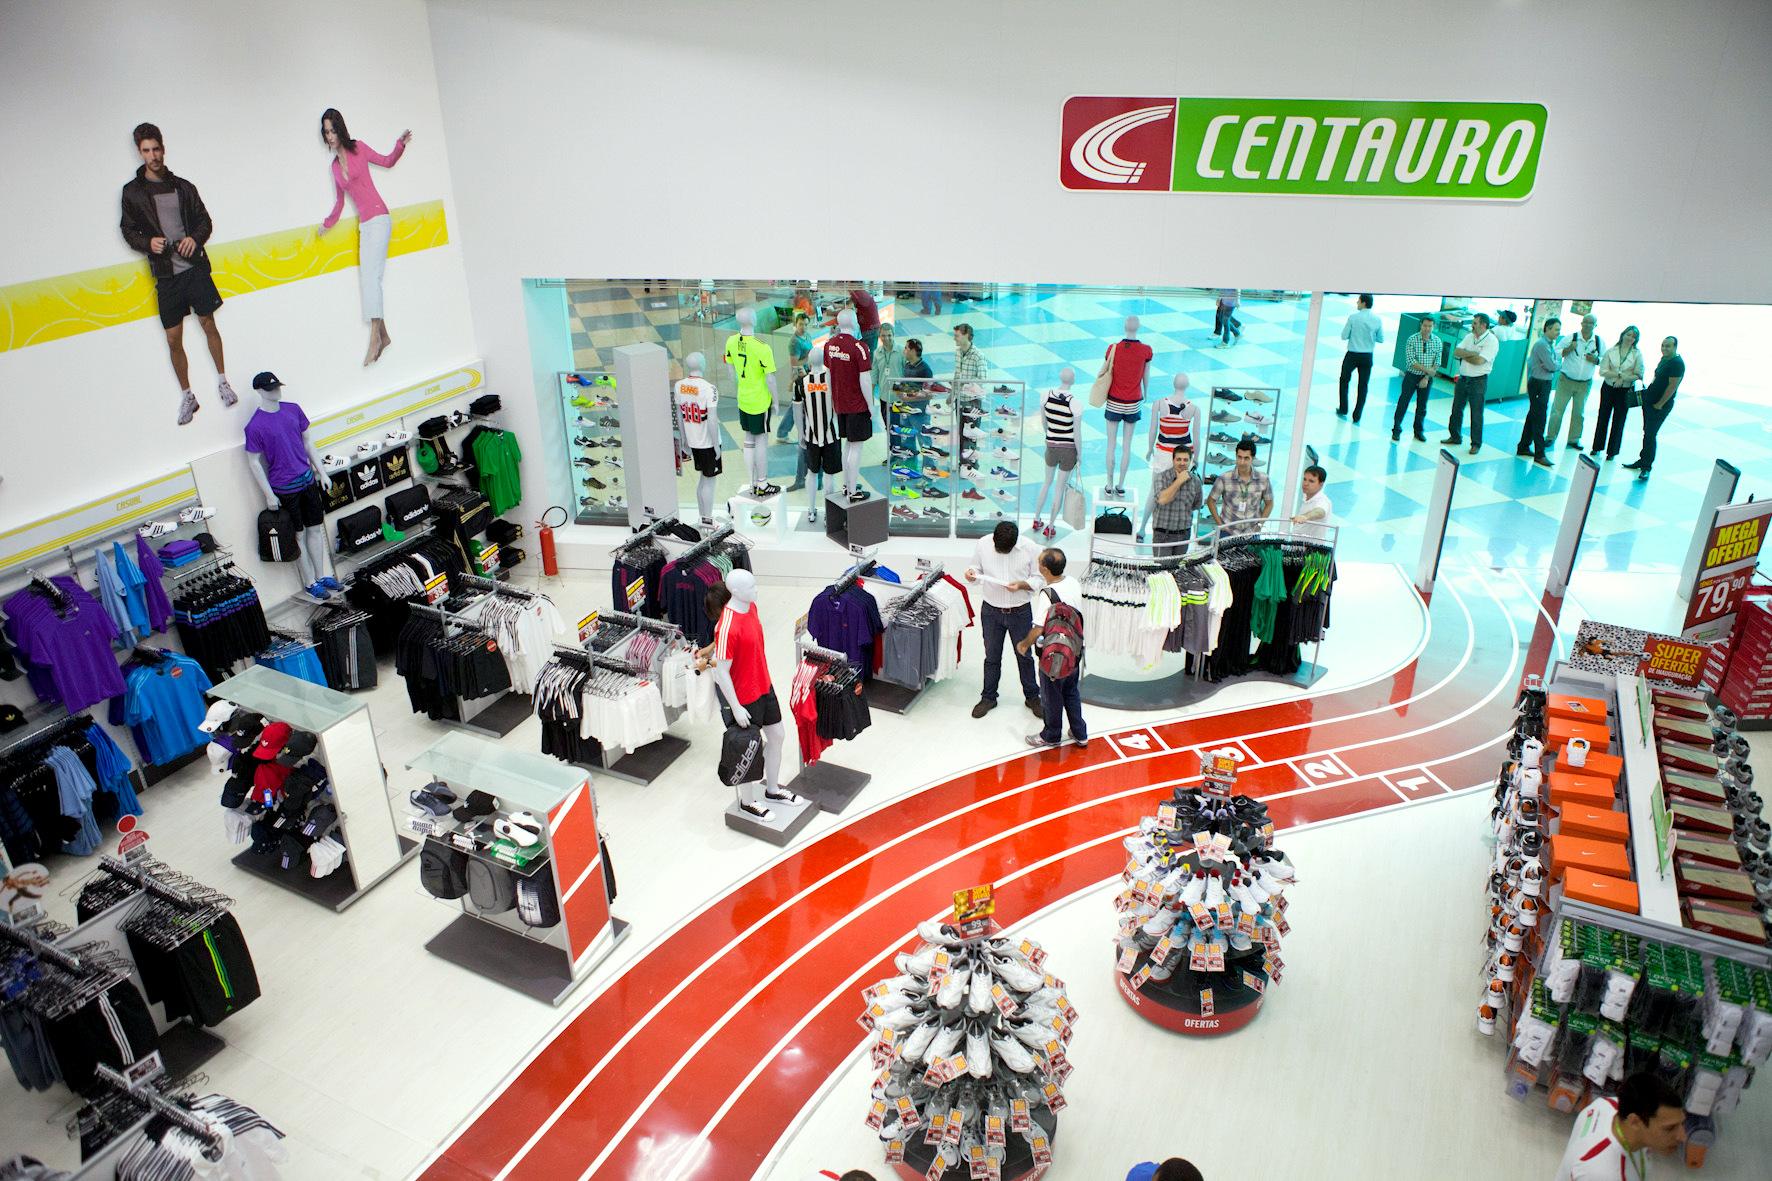 5e627ebcc Datafolha elege Centauro como a melhor loja de material esportivo ...